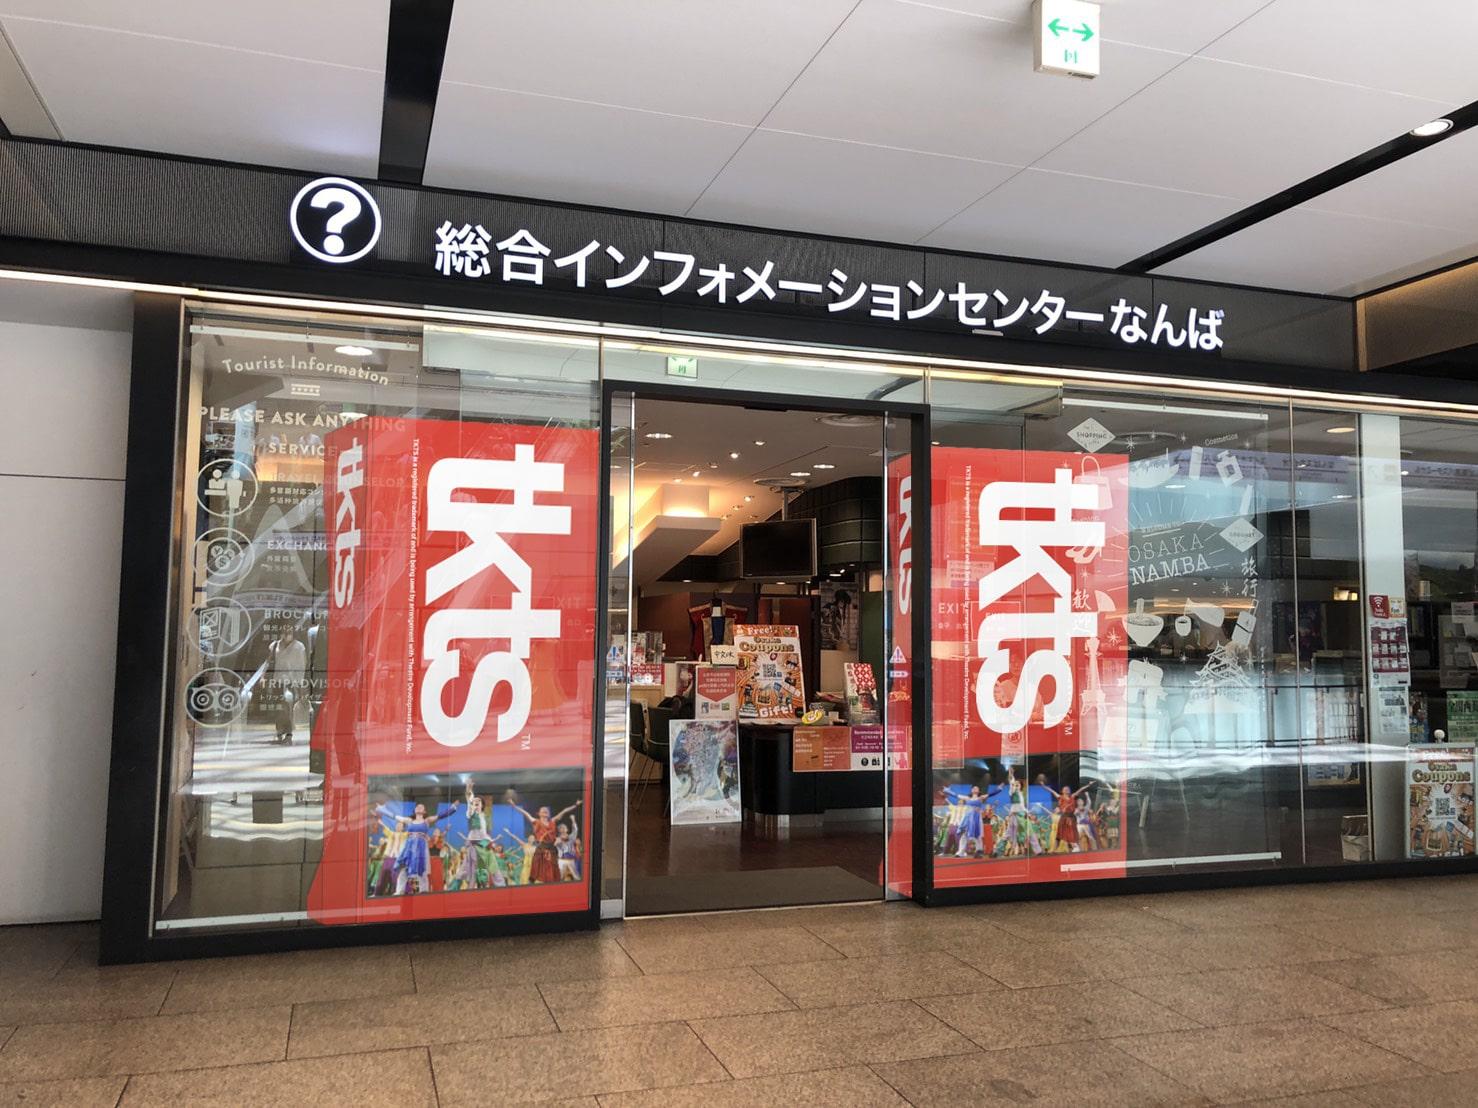 TKTS in Namba, Osaka